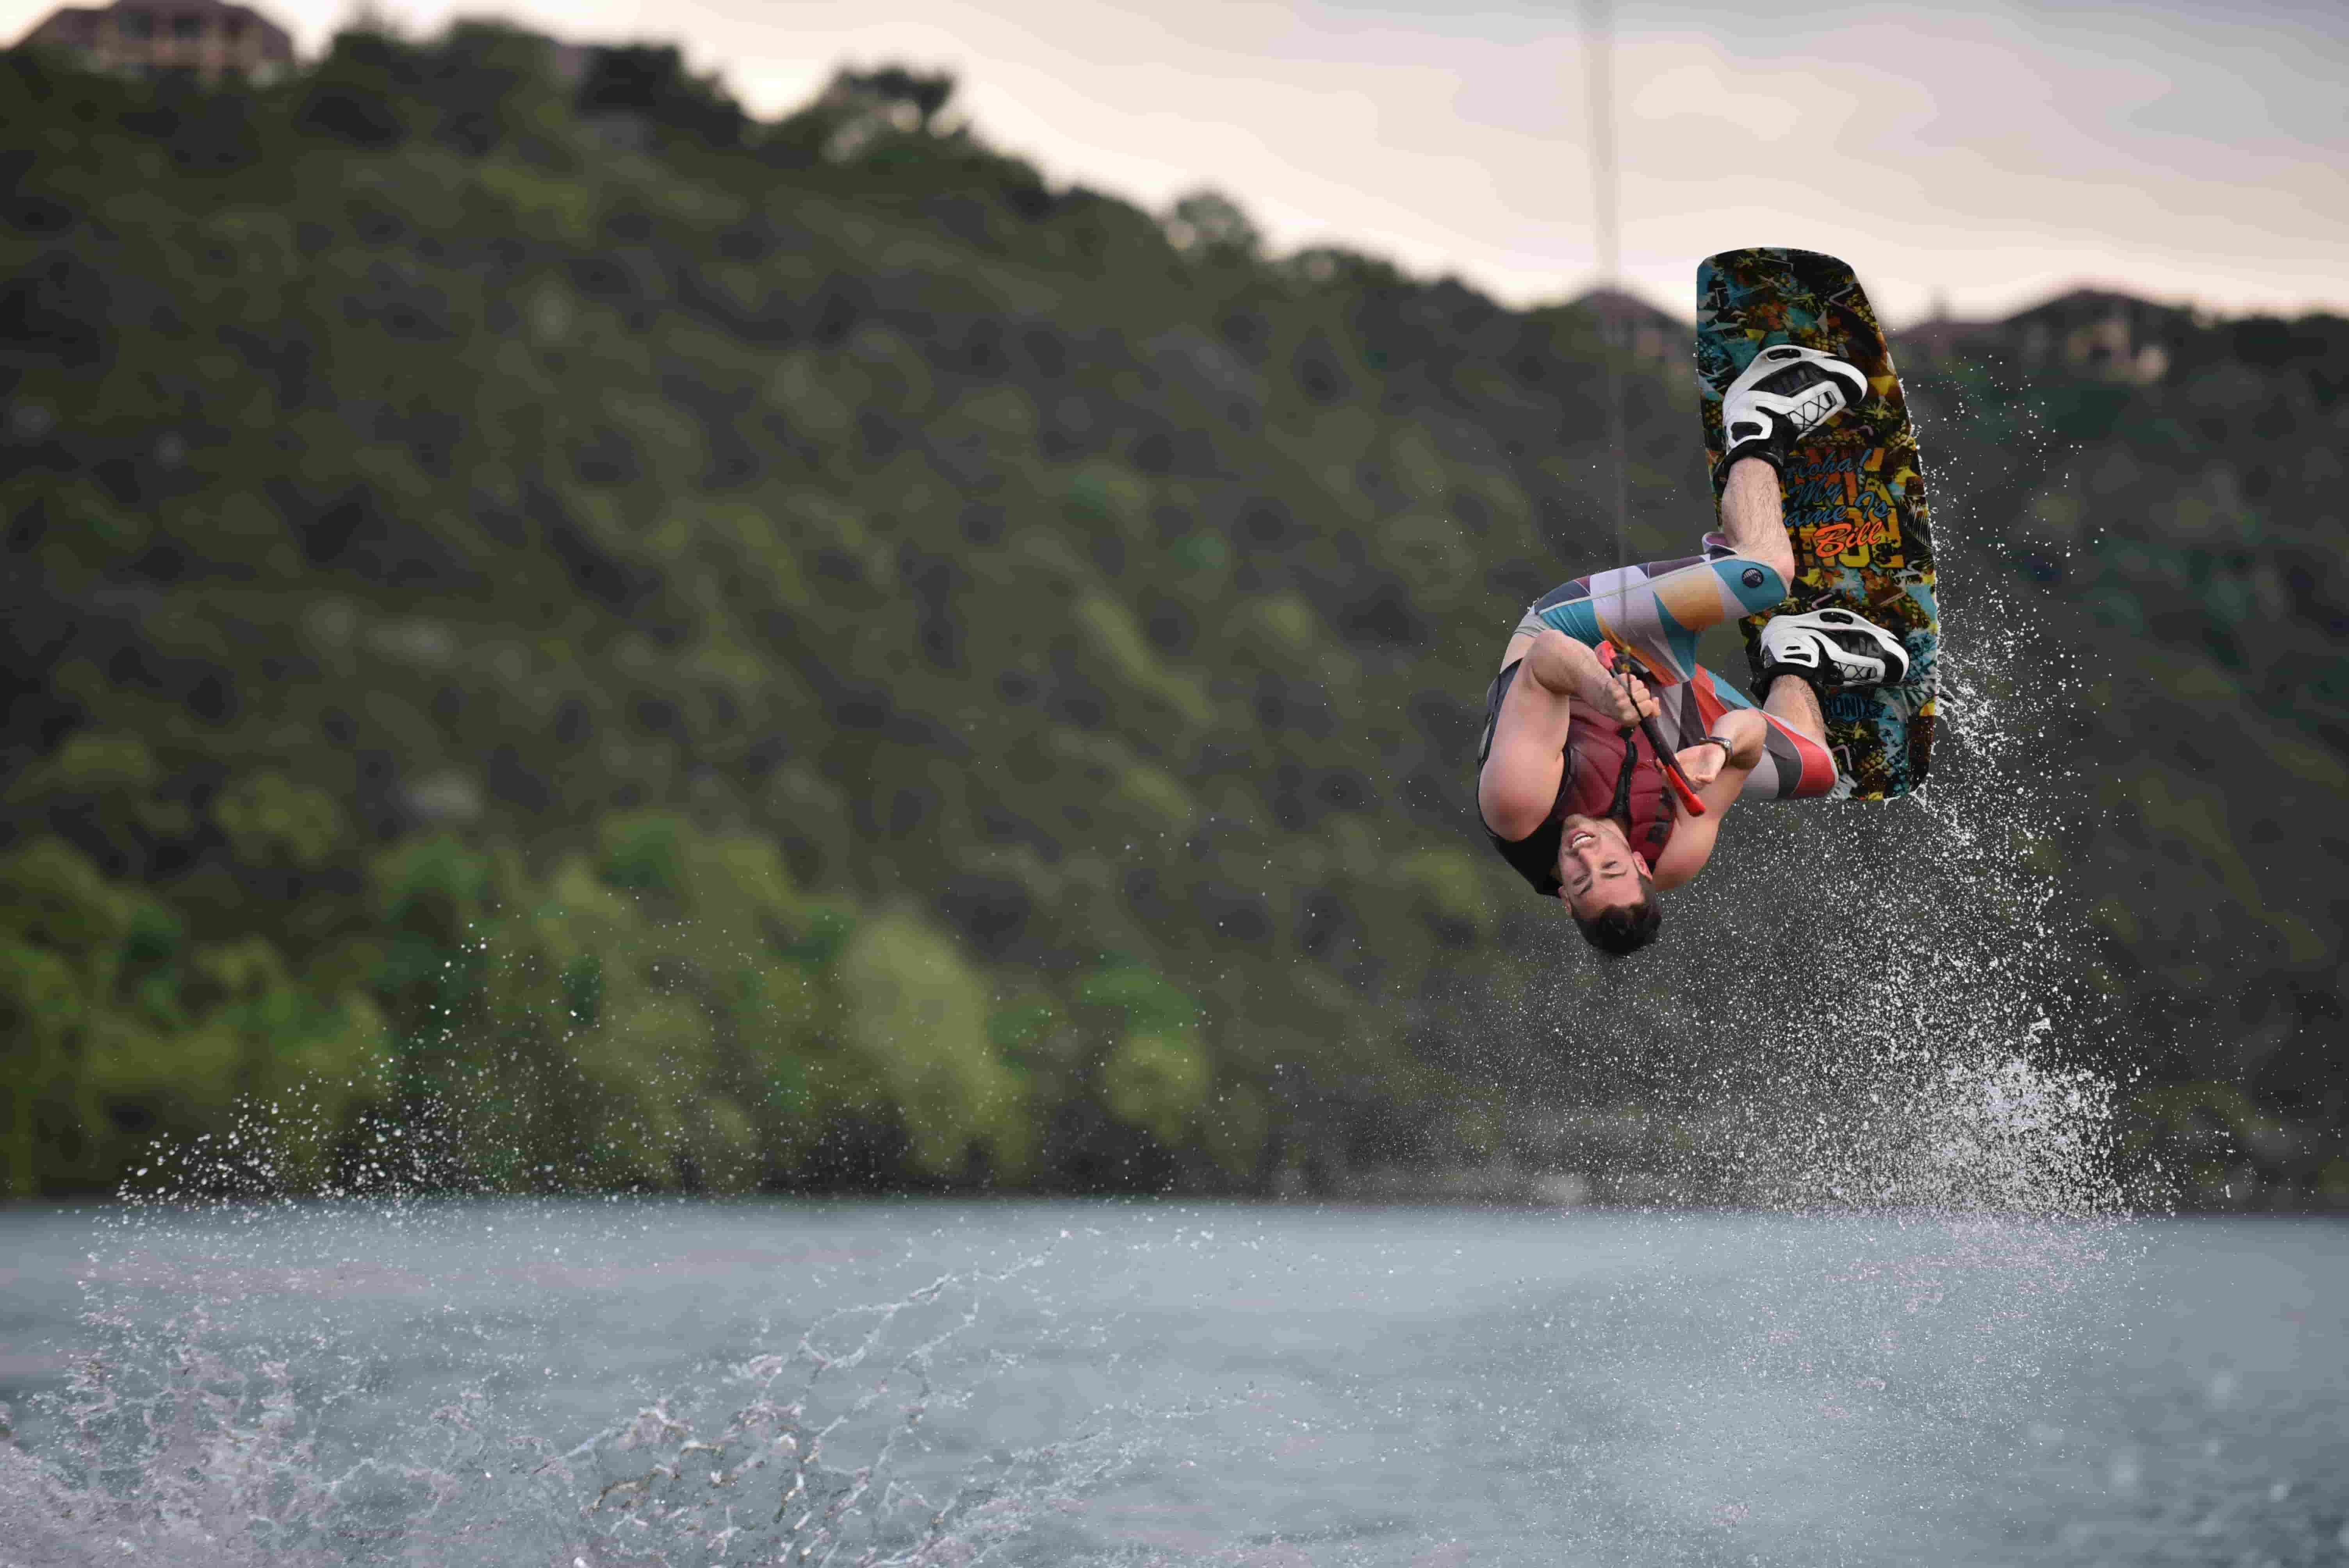 lizenzfreies Bild eines Surfers